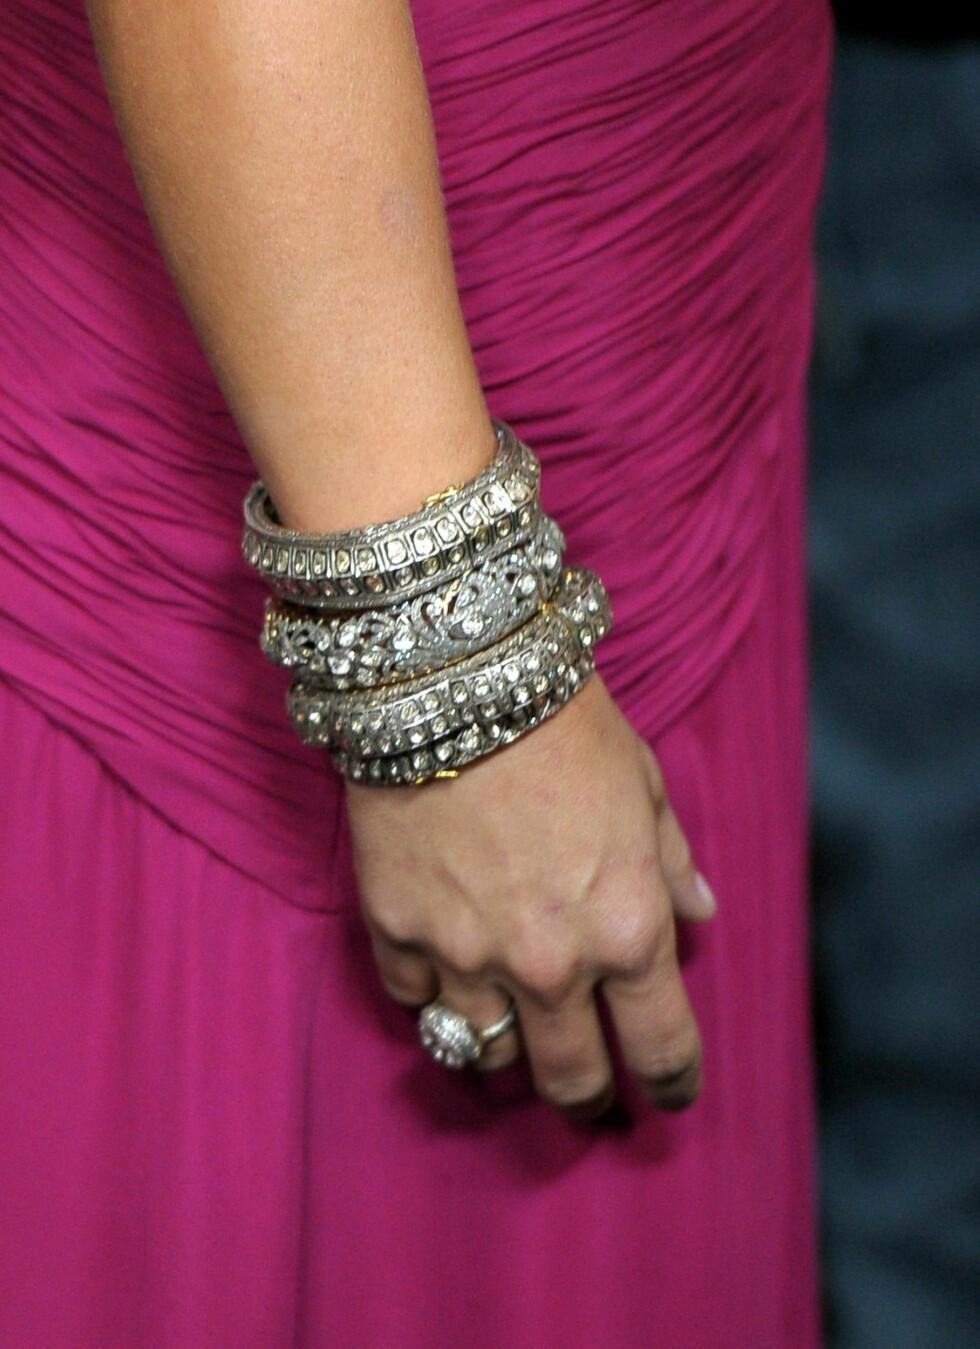 Artist Miranda Lambert i glitrende armbånd til rosa kjole med draperinger.  Foto: All Over Press